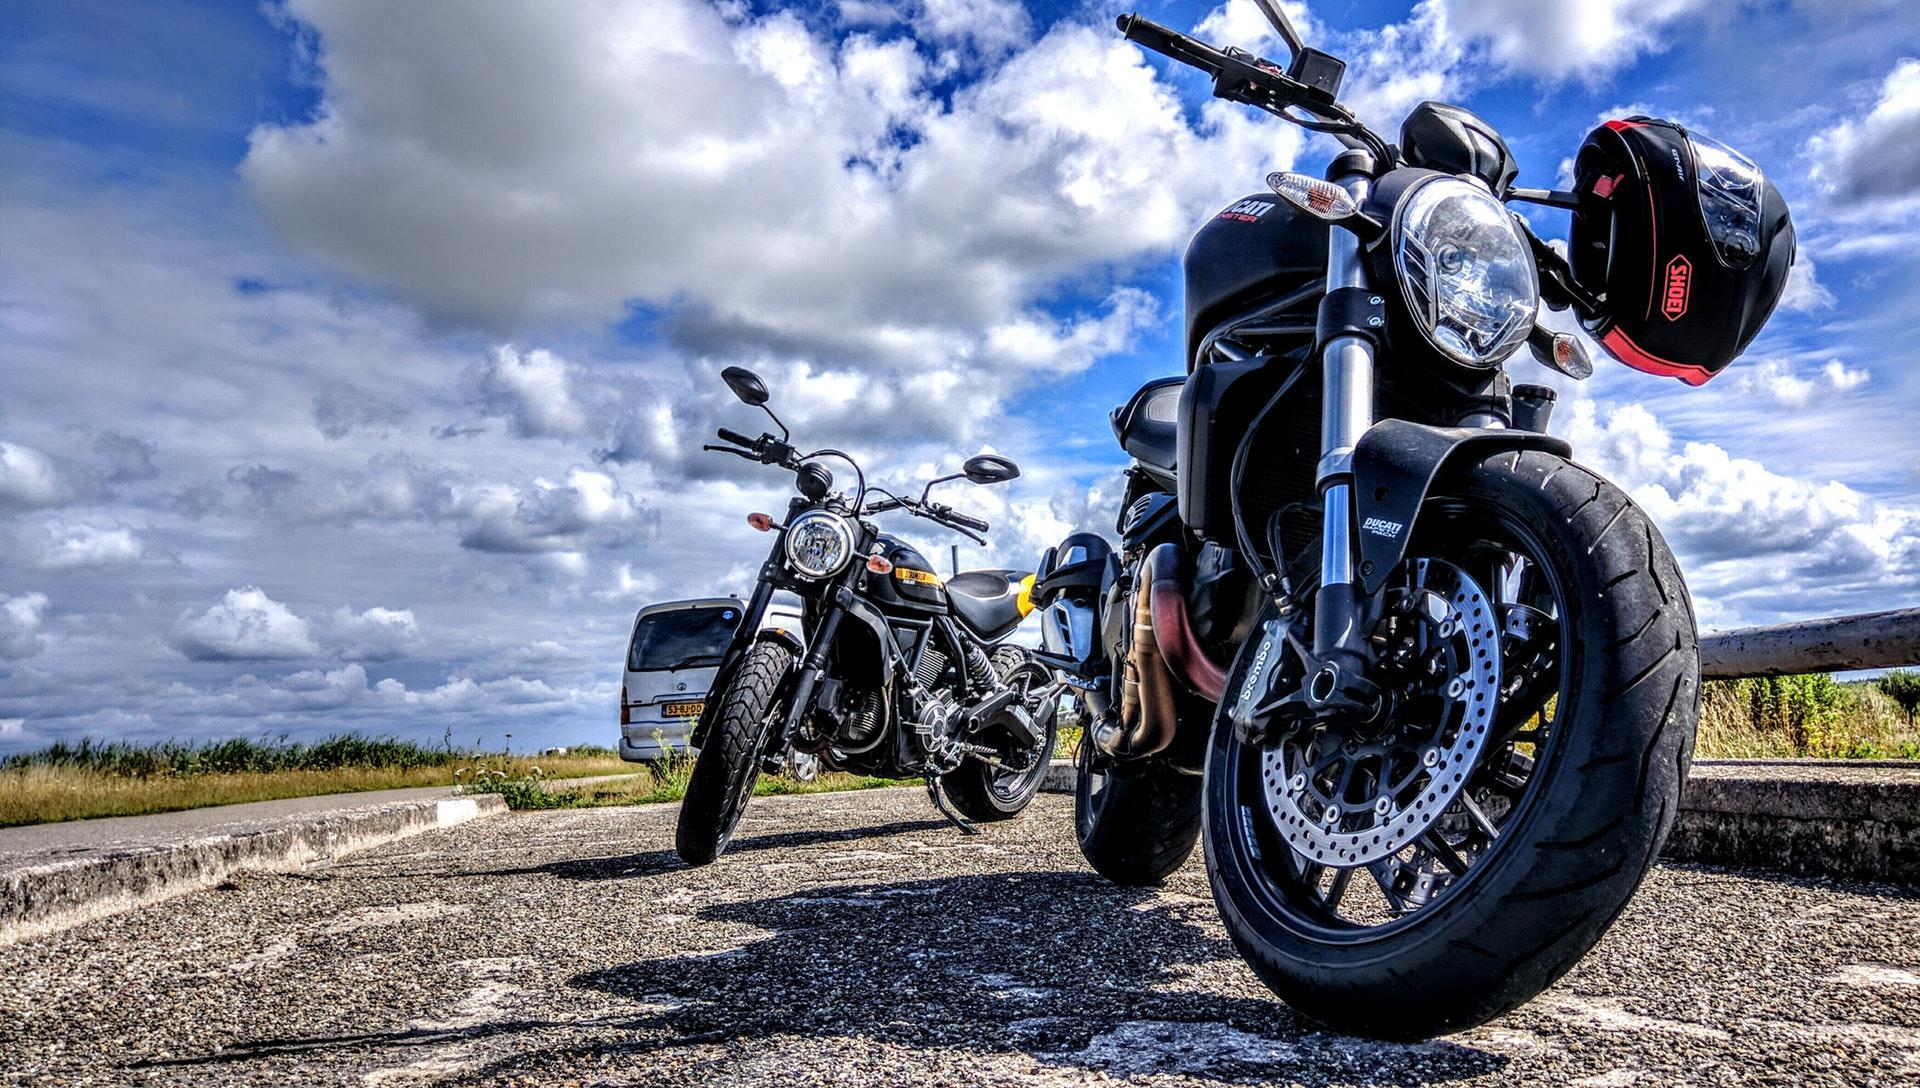 عکس زمینه موتور سیکلت ها زیر آسمان آبی پس زمینه